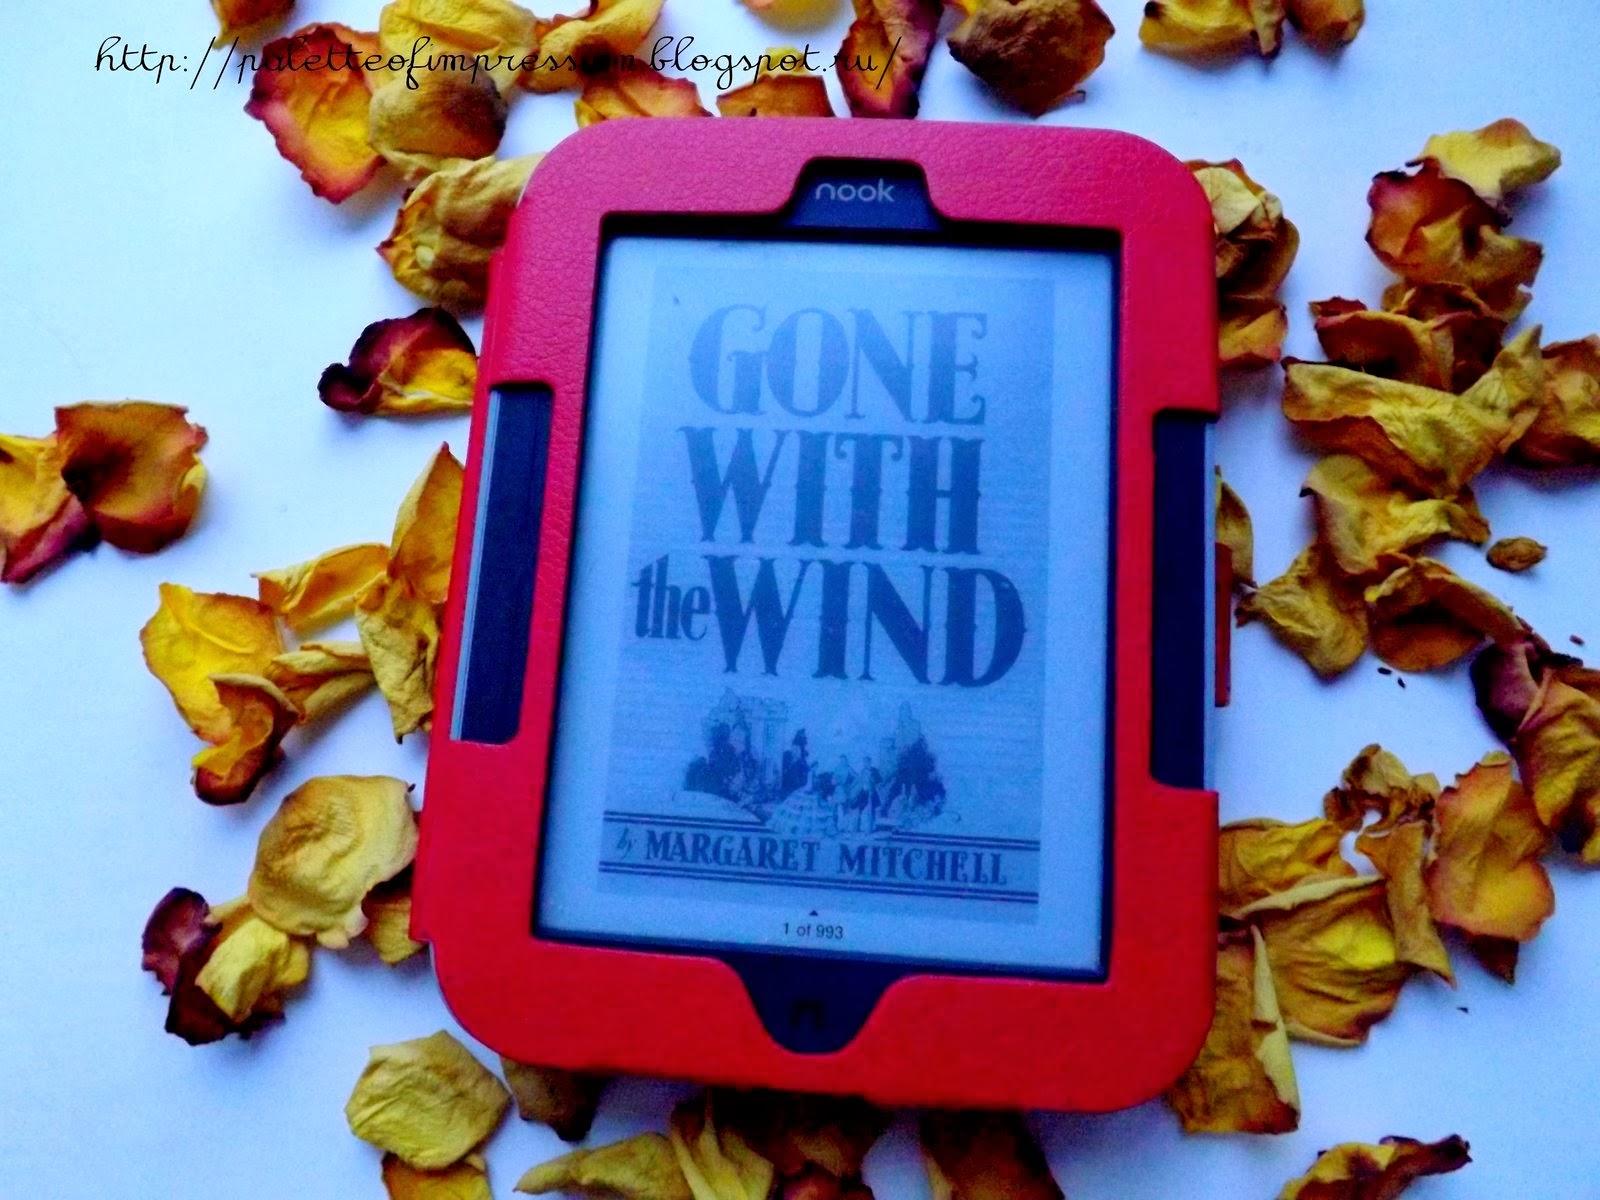 """О чтении книги """"Gone with the wind"""" Маргарет Митчелл. Блог Вся палитра впечатлений."""